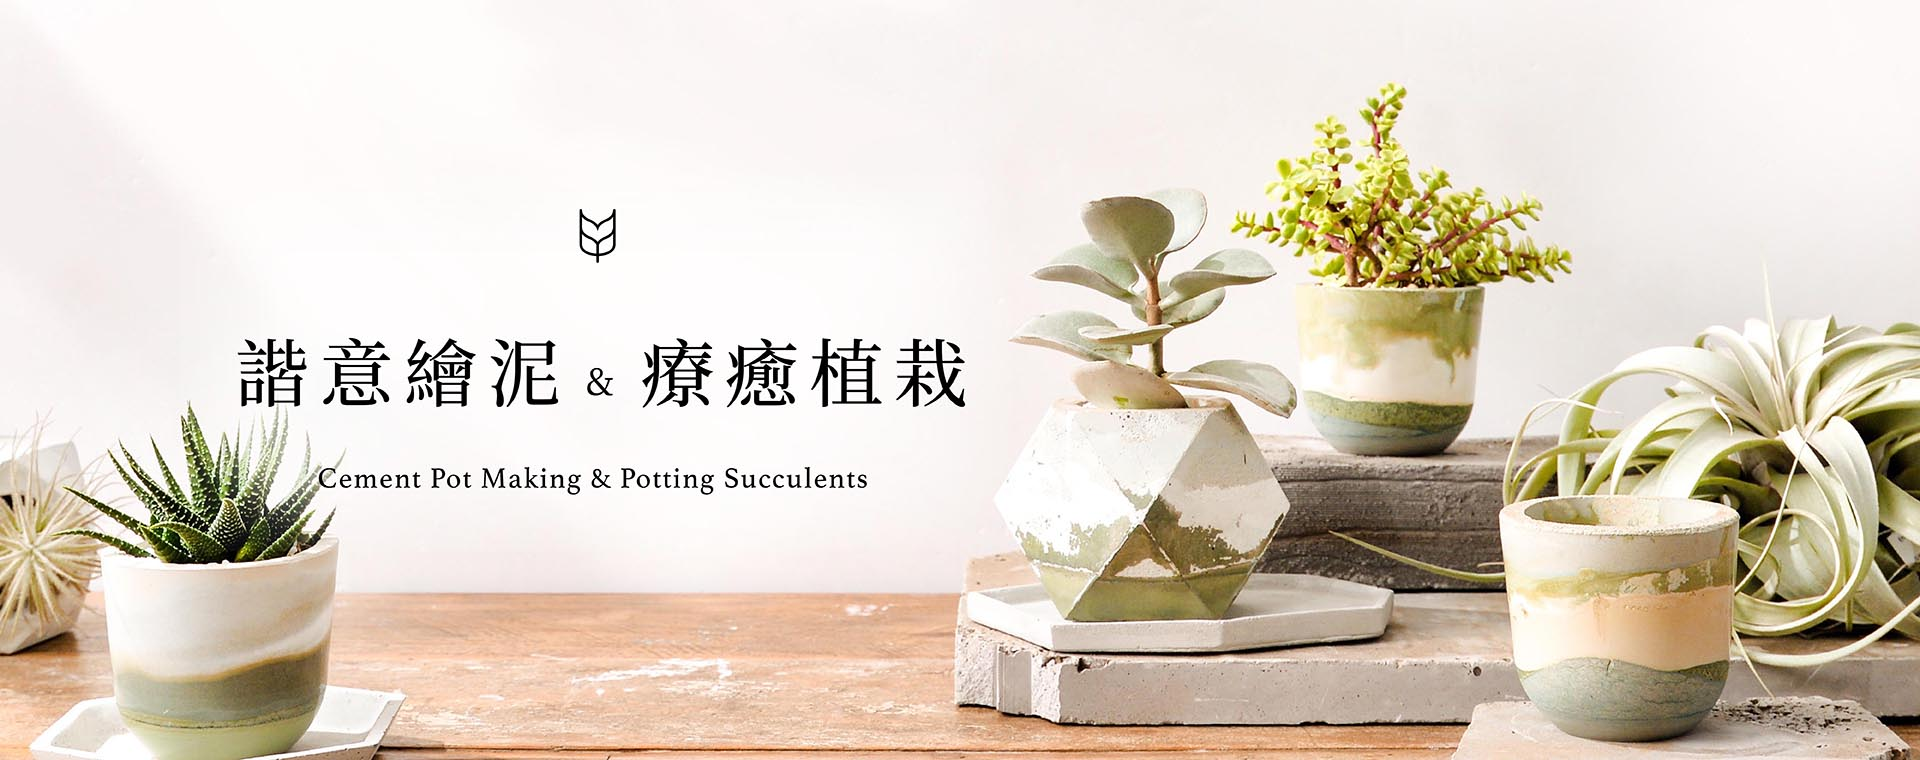 [ 水泥課程 ] 諧意繪泥 & 療癒植栽 官網